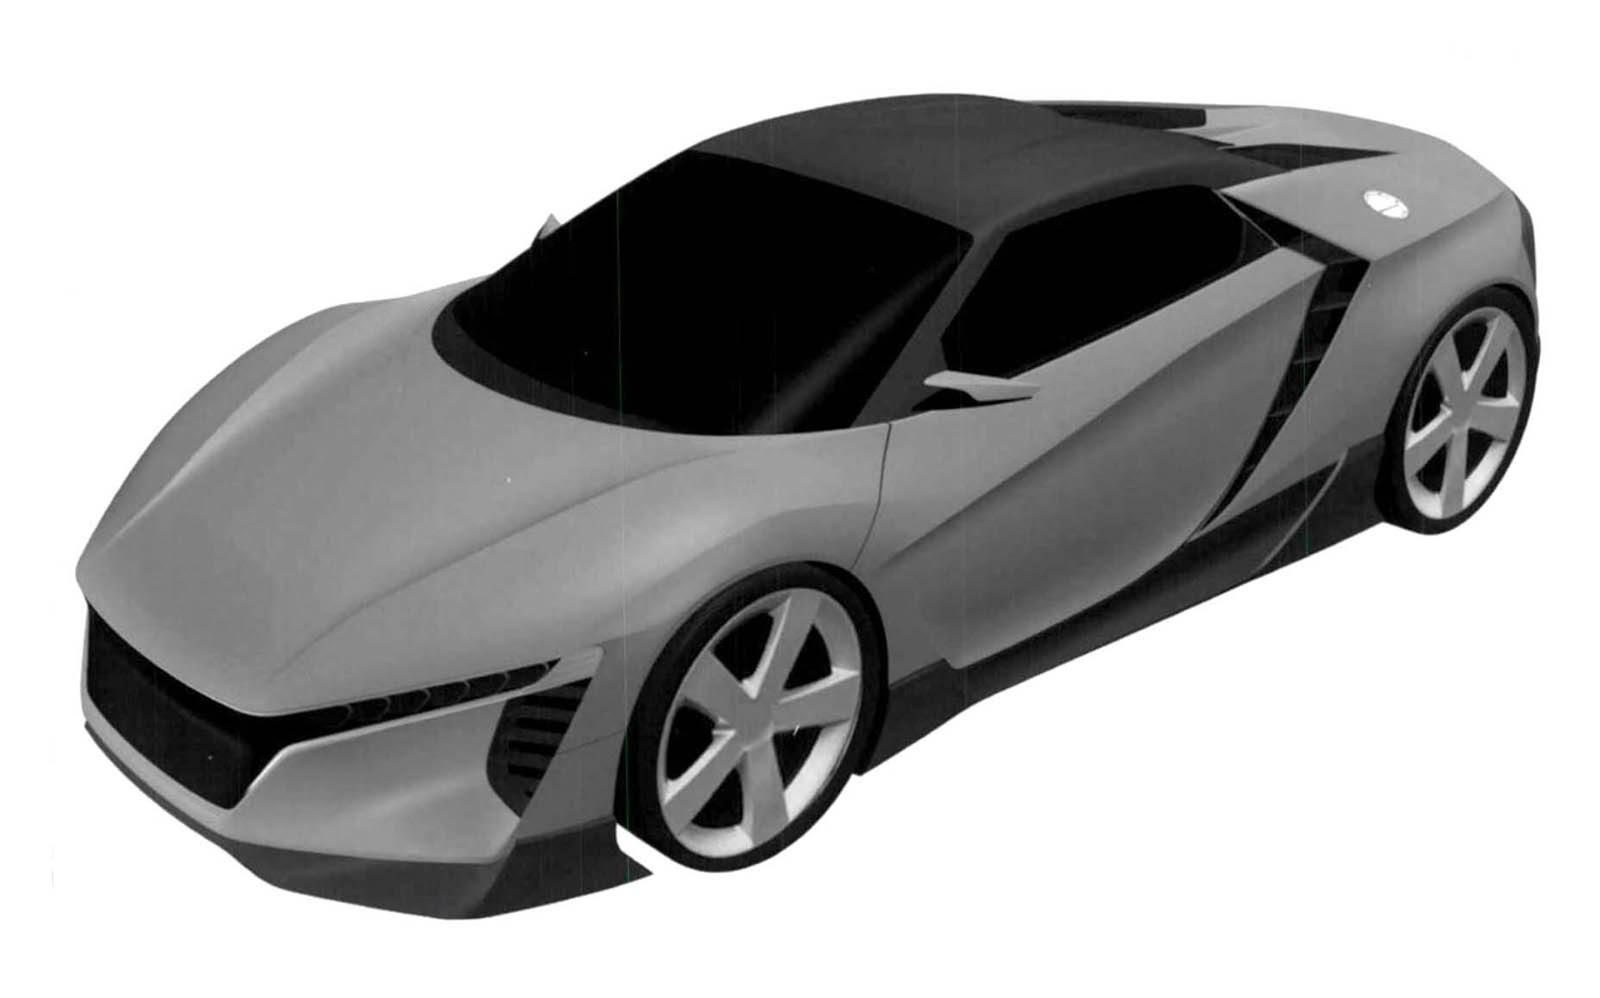 Με 365 ίππους και συνταγή McLaren το νέο Honda S2000 Honda, Honda NSX, Honda S2000, zblog